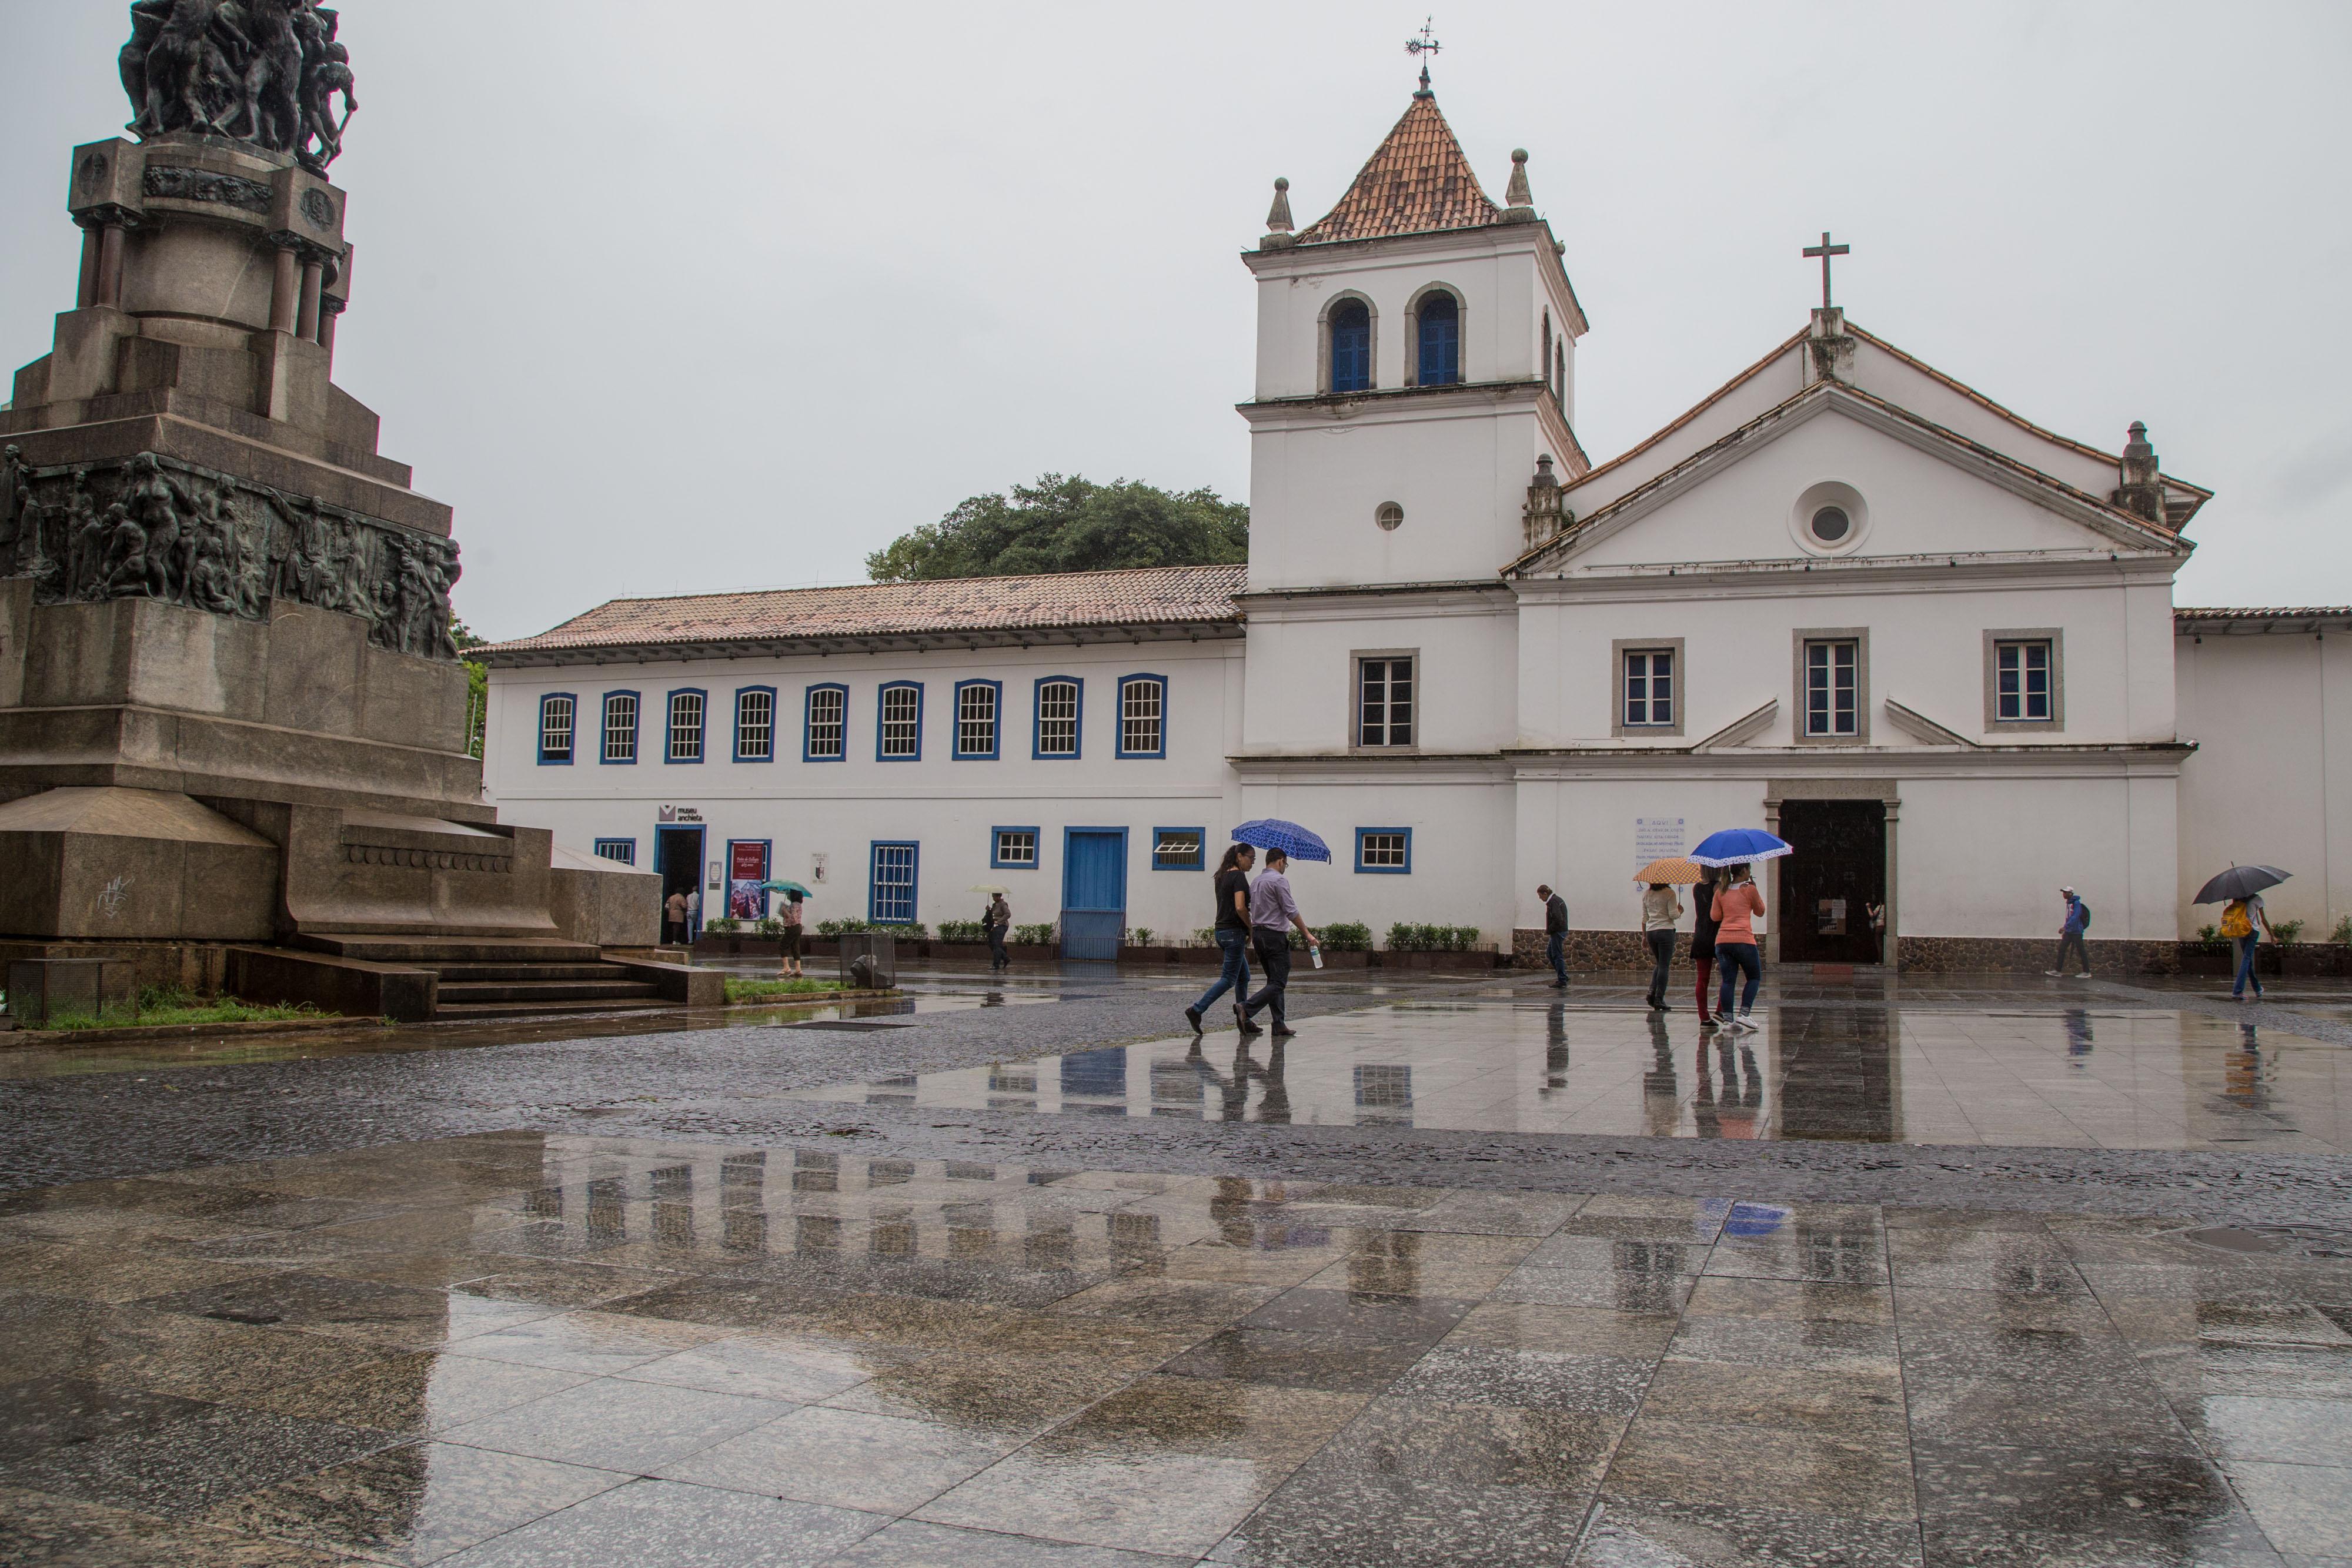 Pateo do Colégio, no Centro de SP, a primeira escola do Brasil, fundada pelo jesuíta José de Anchieta, que deu origem à cidade de São Paulo.